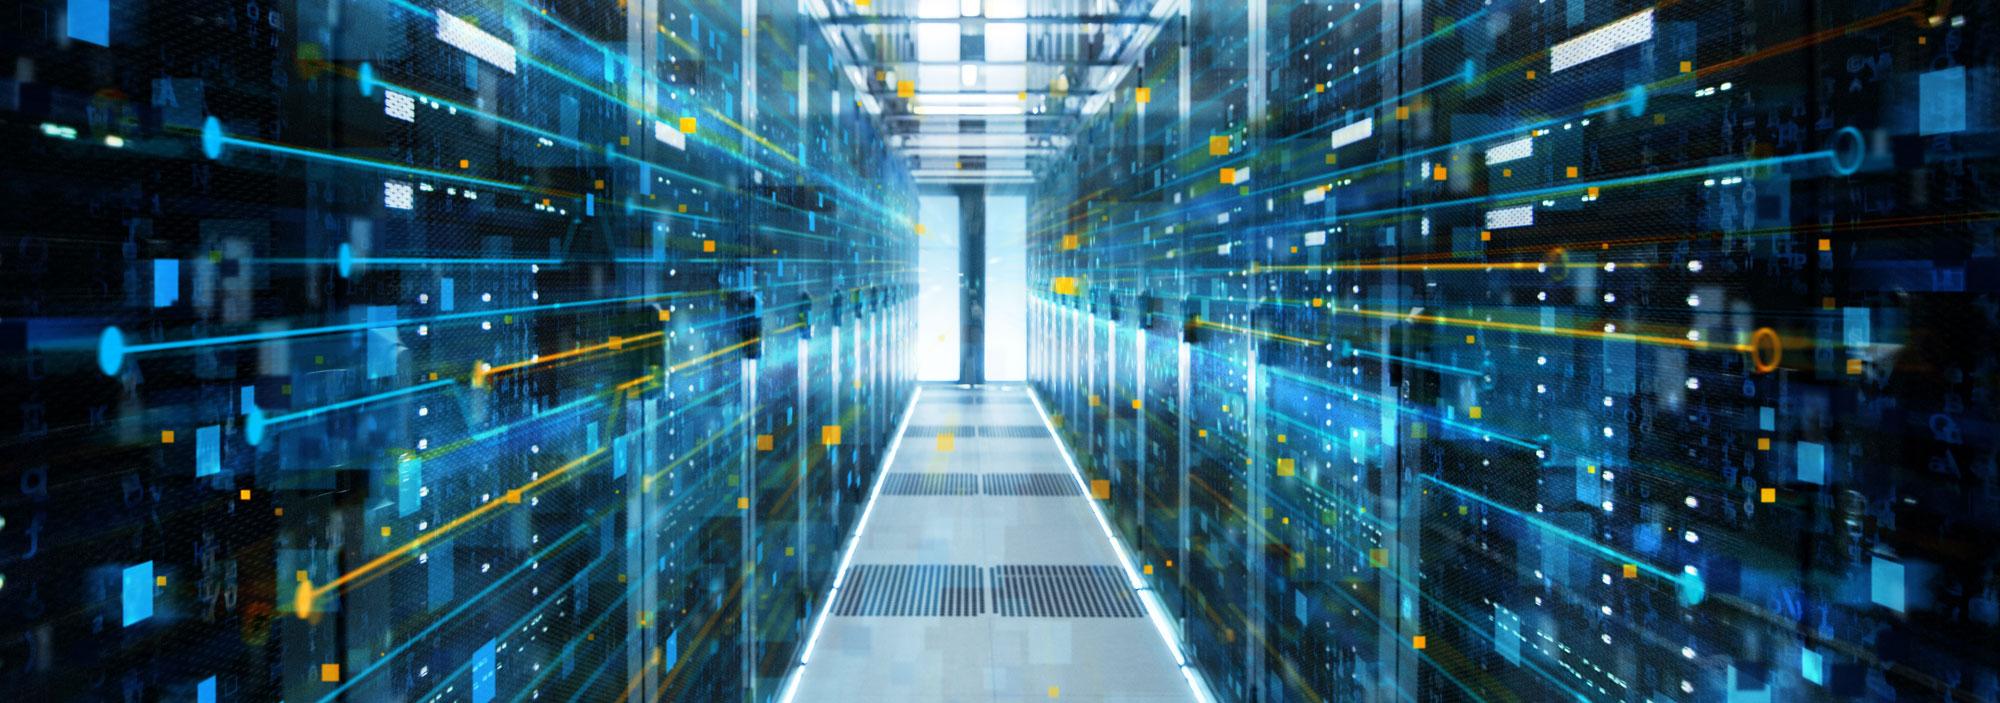 Finanzierungsanfrage für IT-Technologie